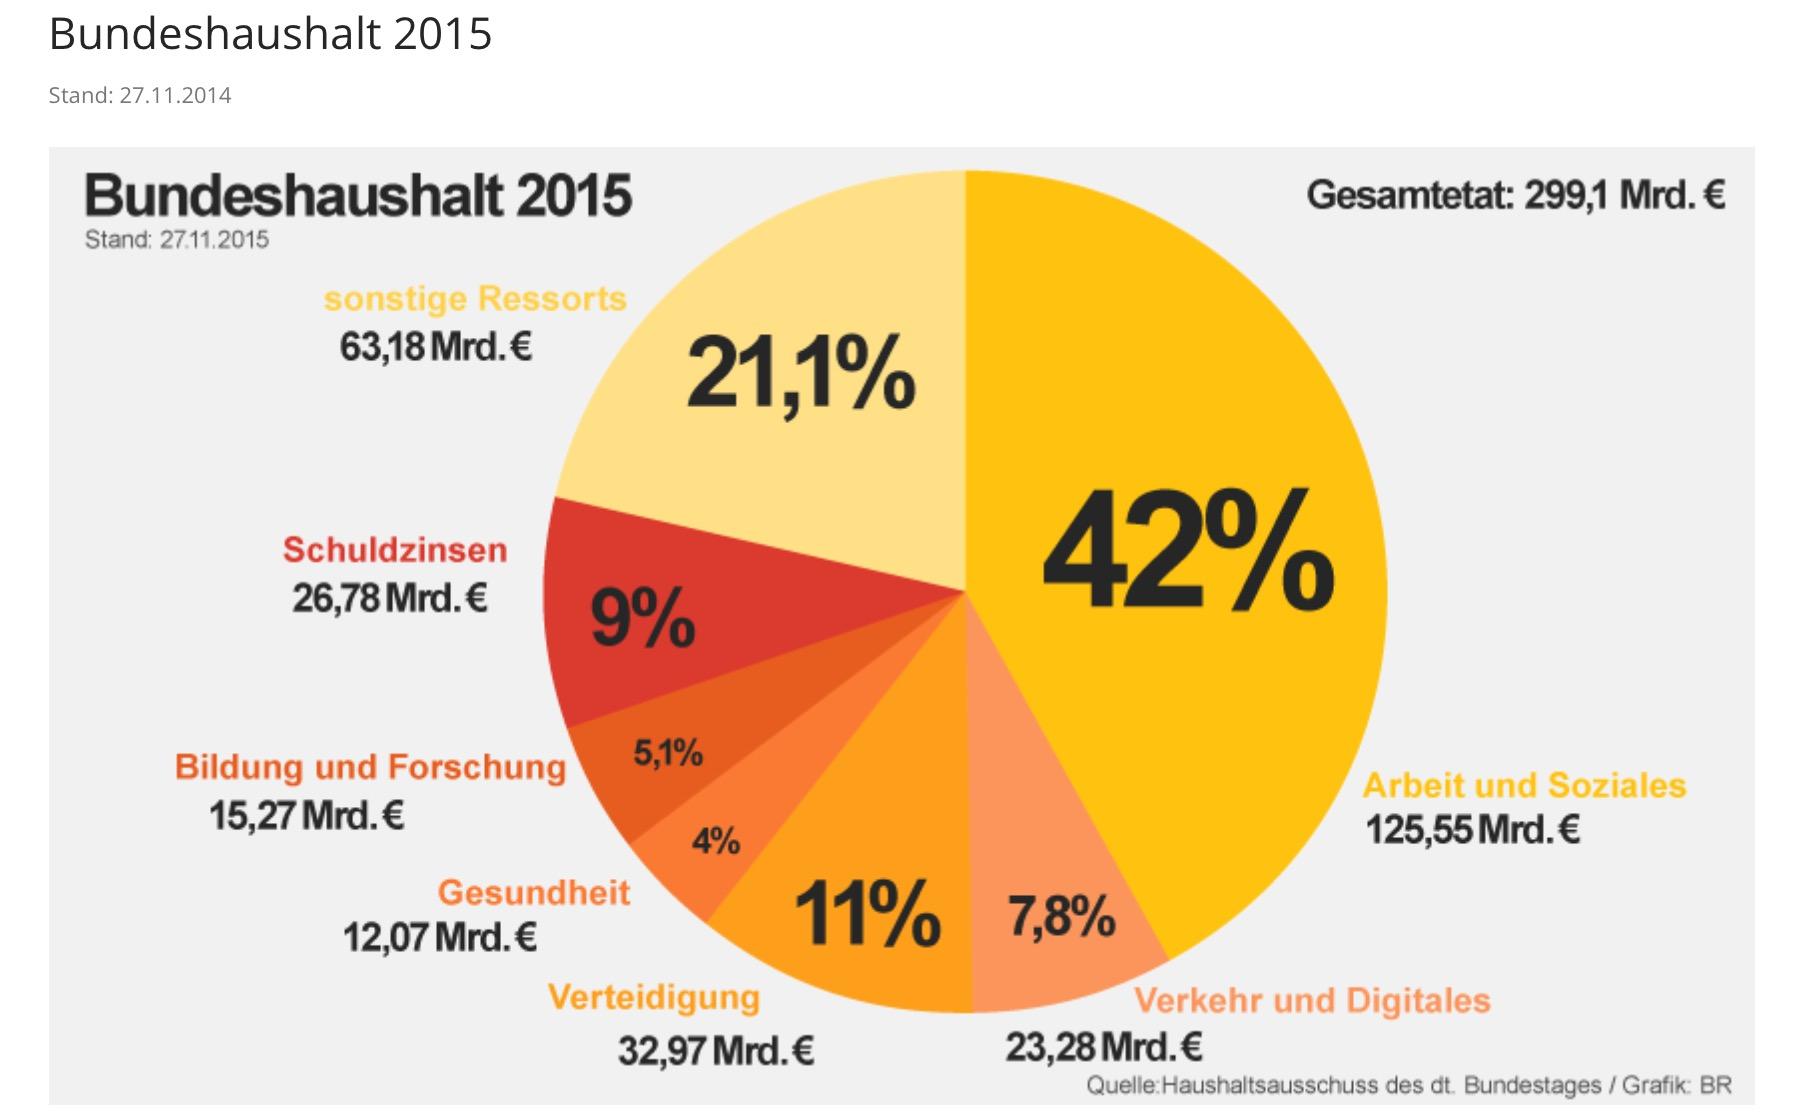 Bundeshaushalt 2015